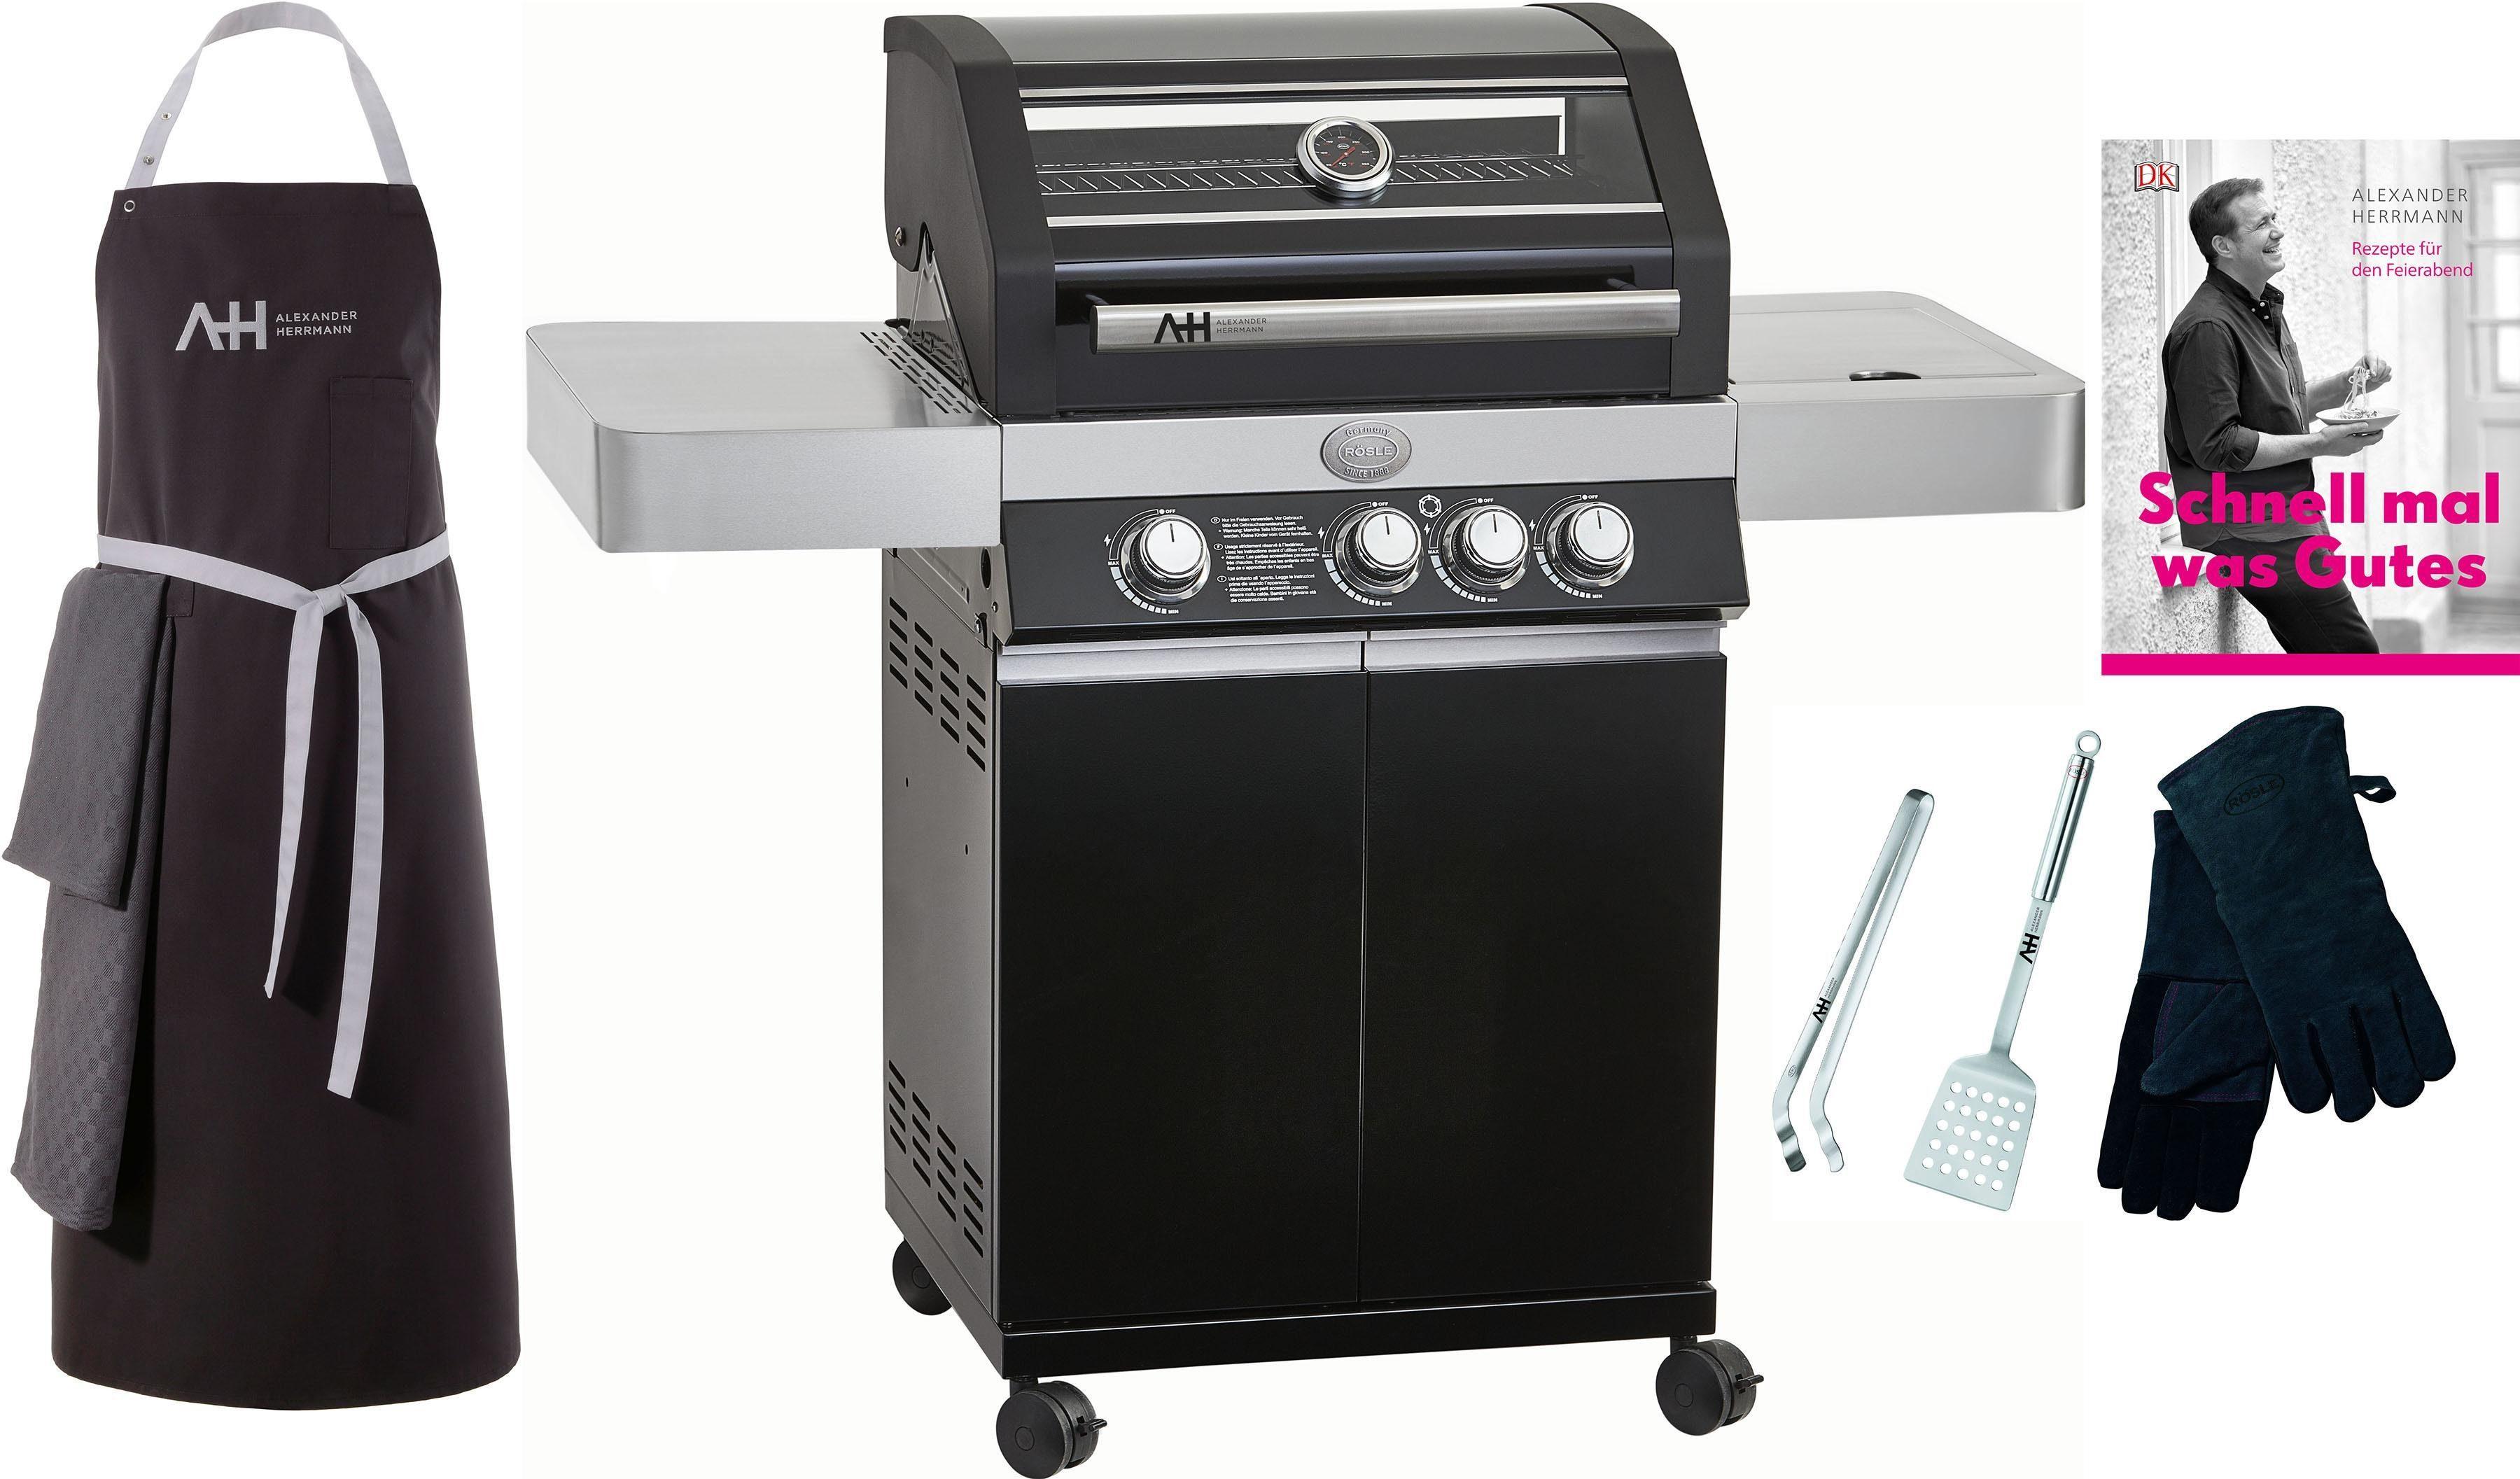 Rösle Gasgrill Vision G4 : Xxl rösle grill shop